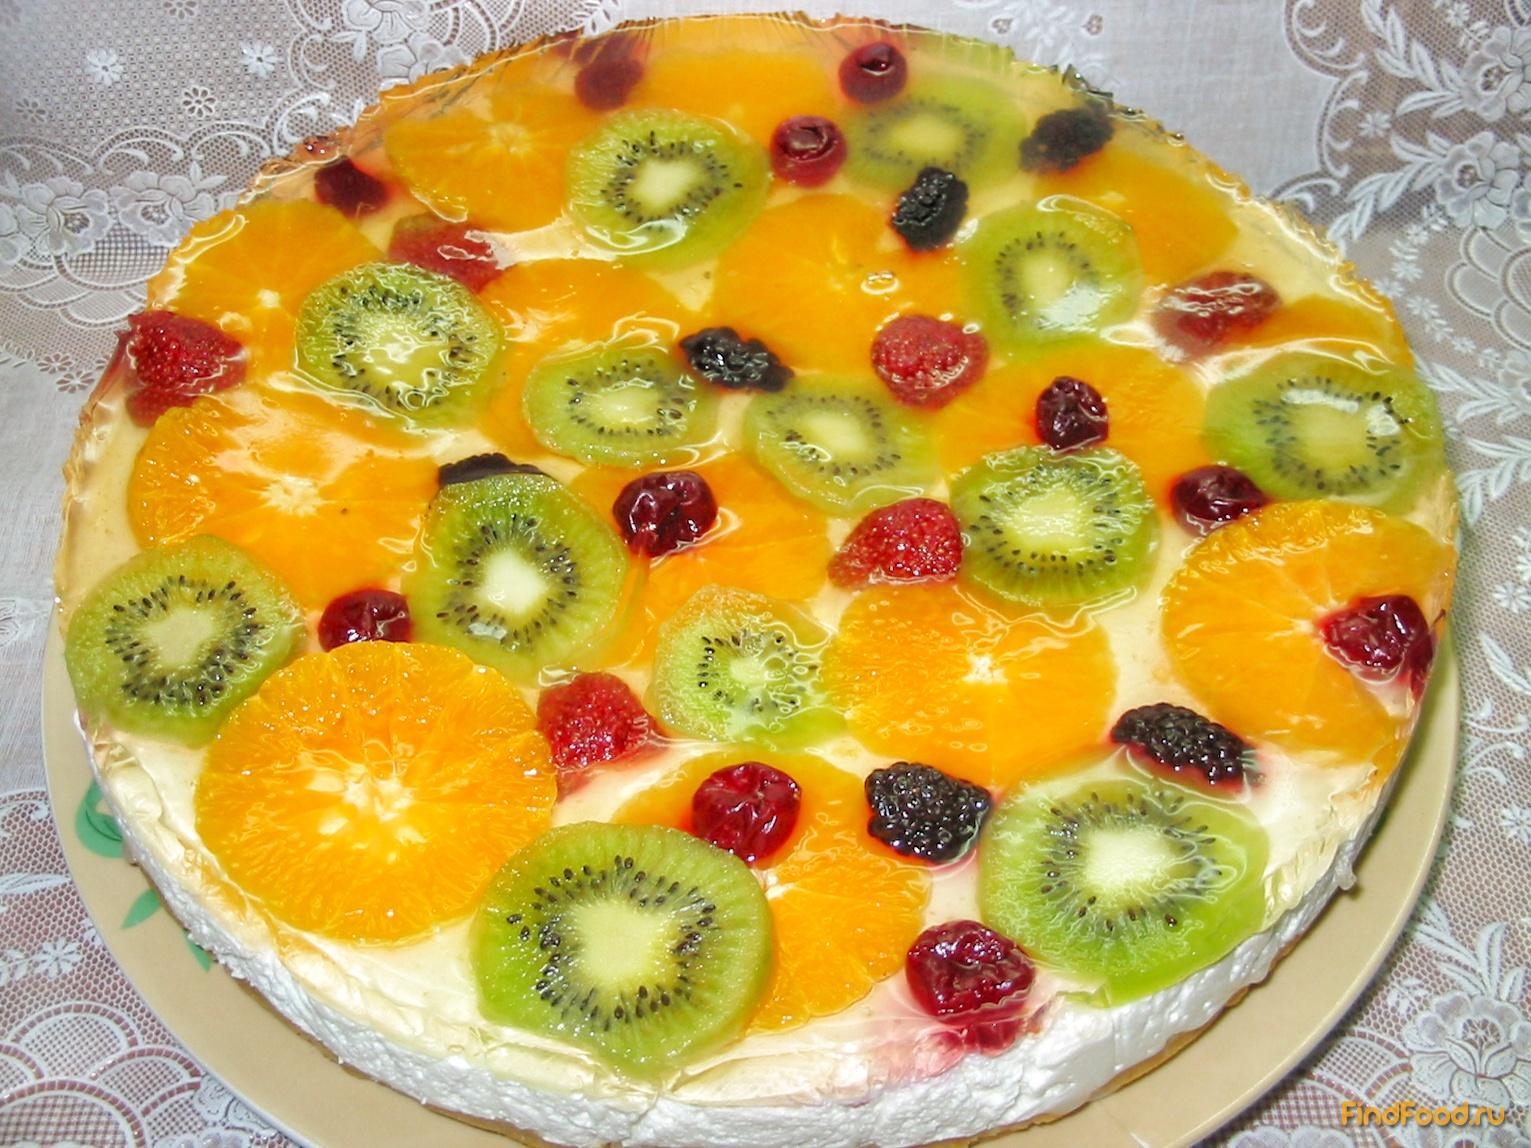 Торт желейный со сметаной, холодный торт рецепт с фото